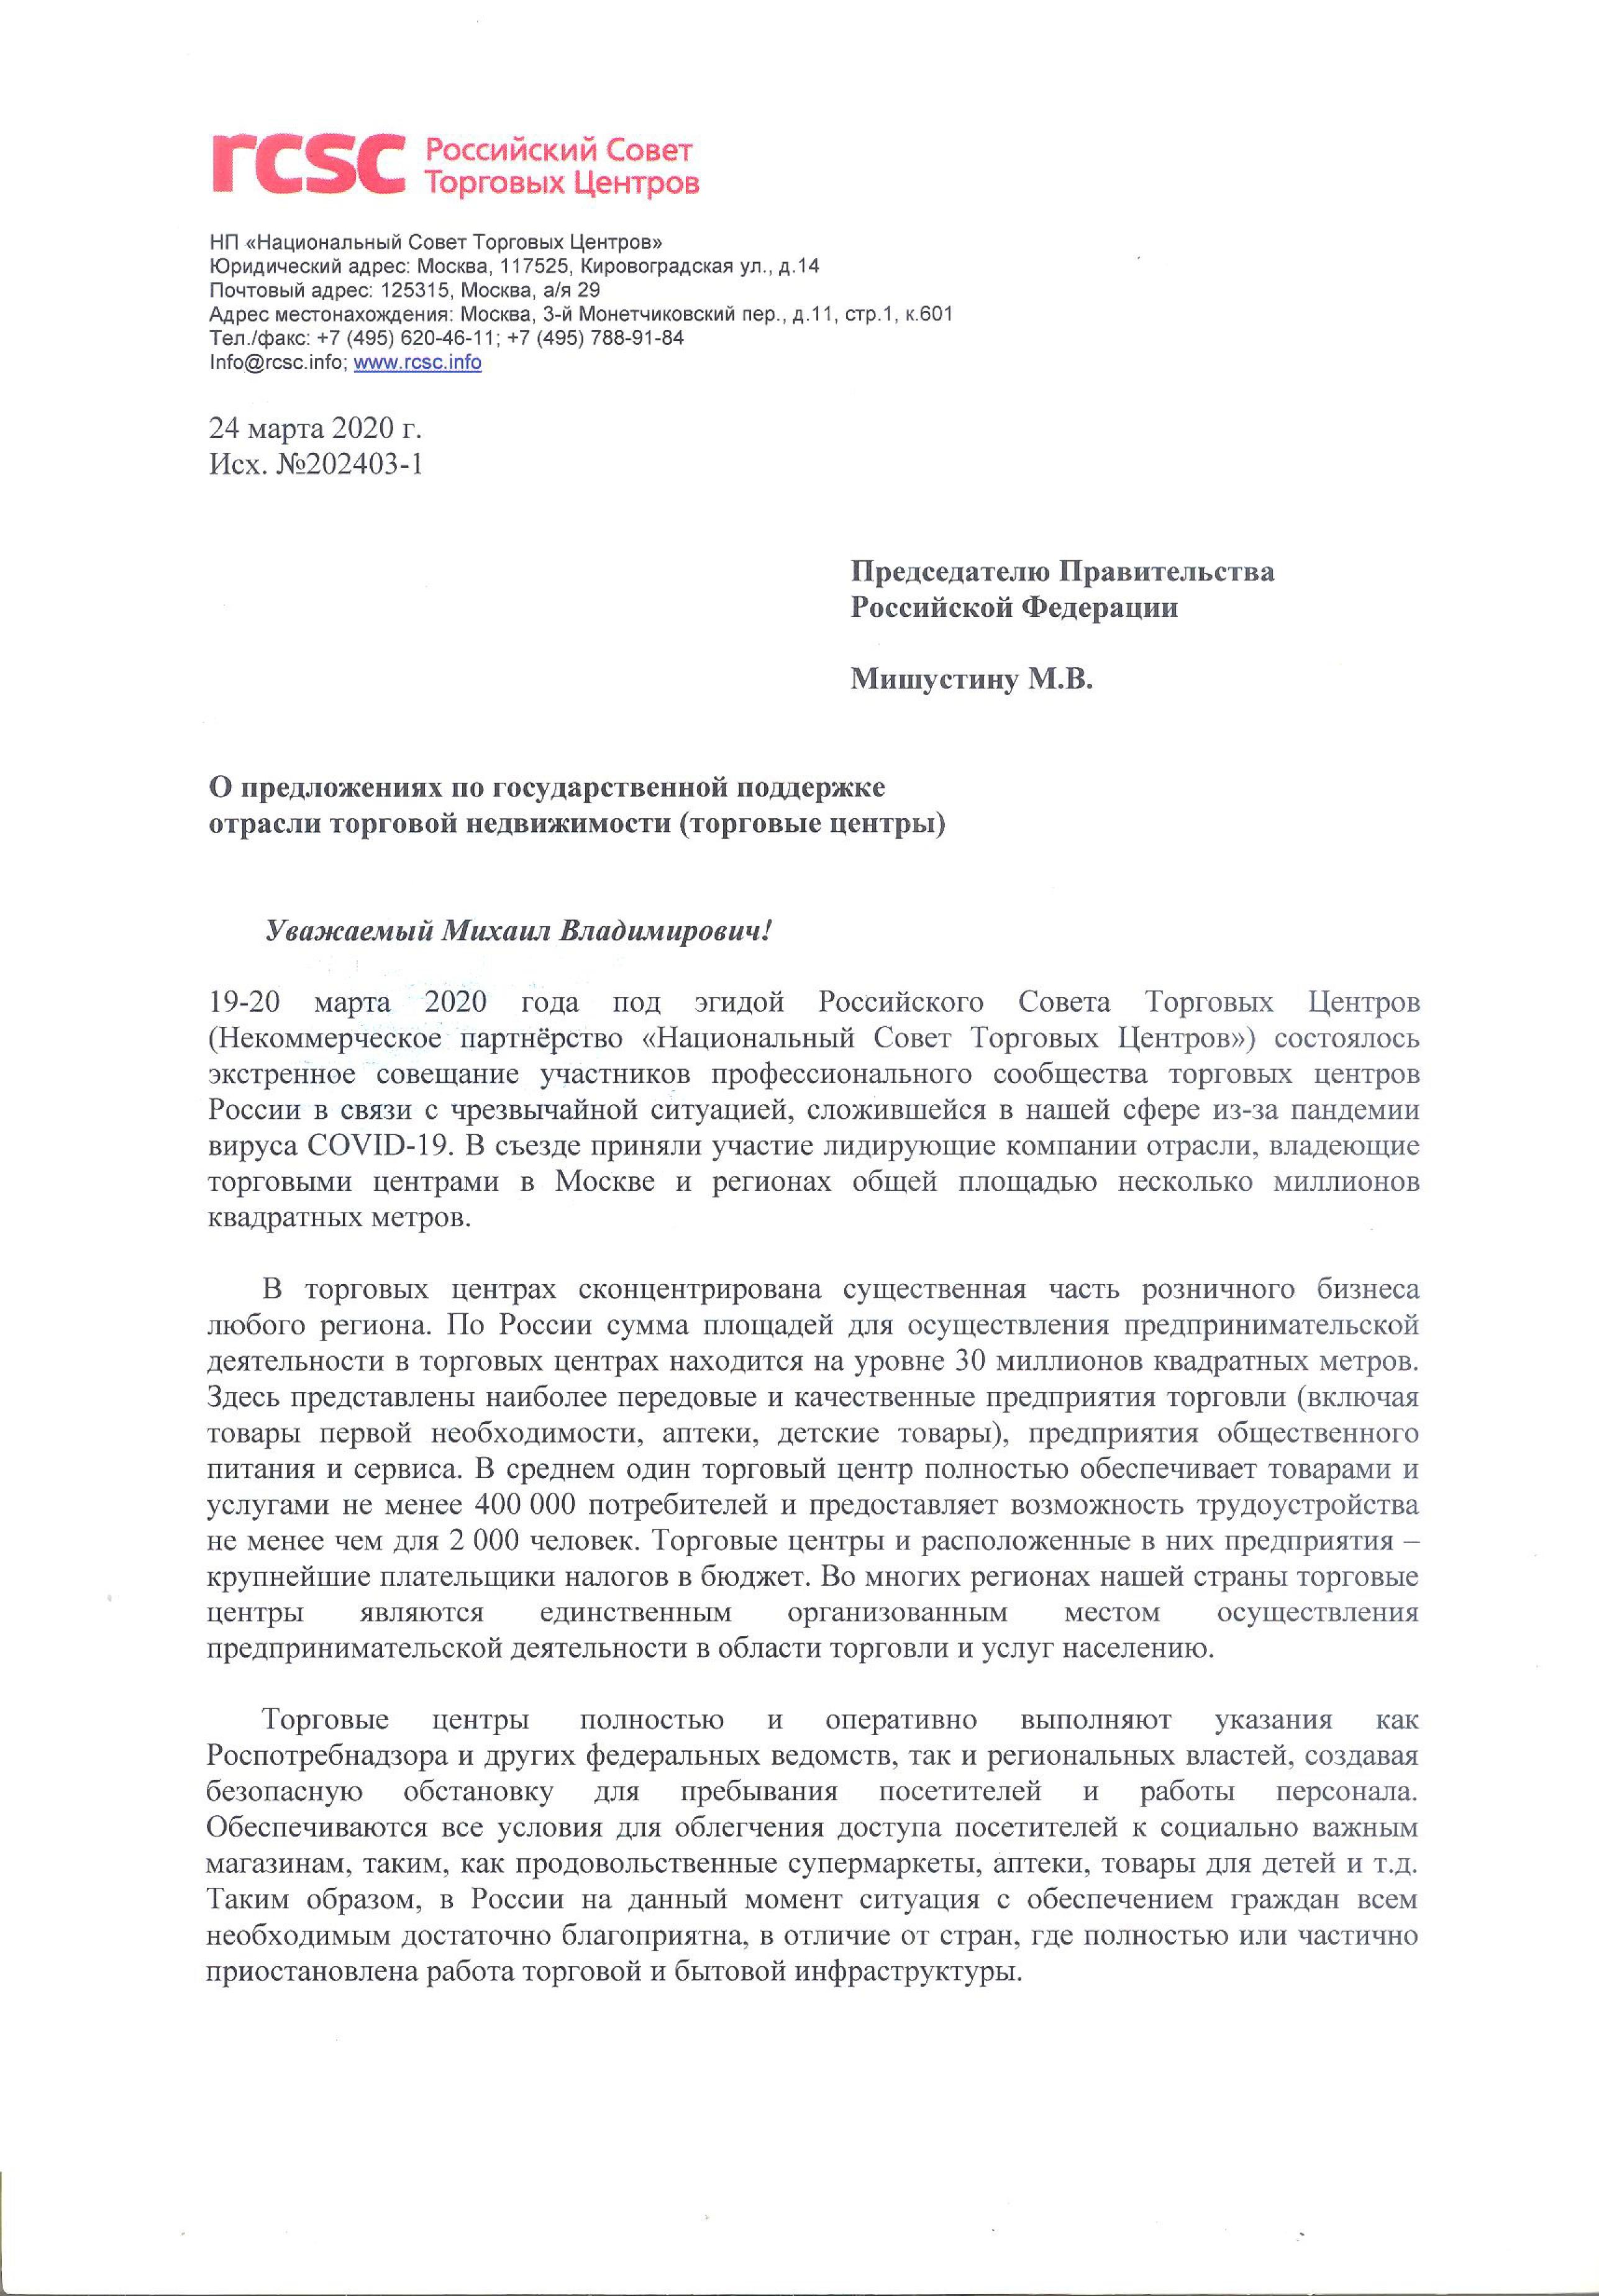 Путин, ипотека, дачи: дайджест новостей о недвижимости за эту неделю